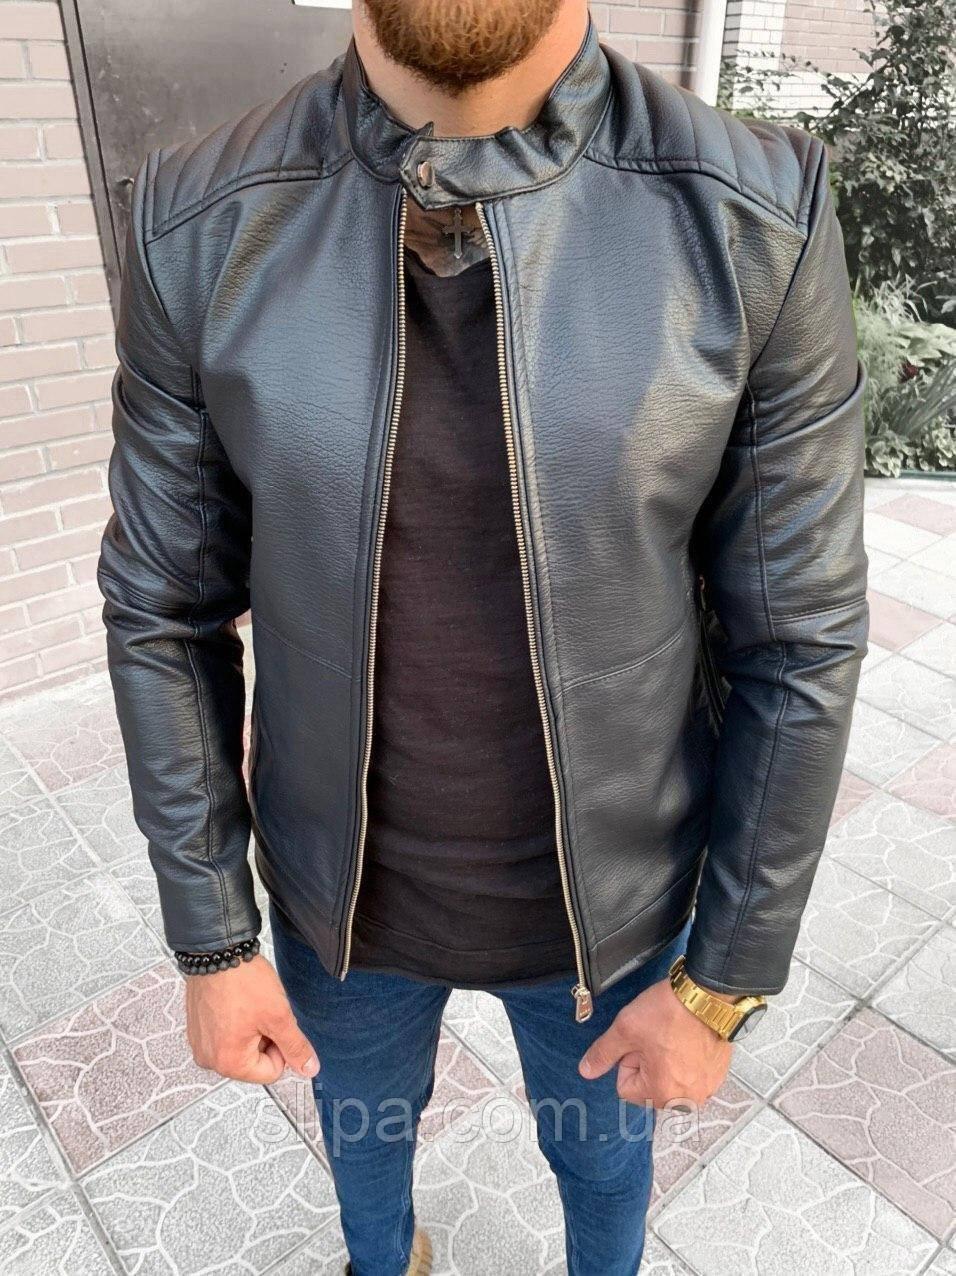 Чоловіча шкіряна куртка чорна на блискавку, комір на кнопці ( фліс )